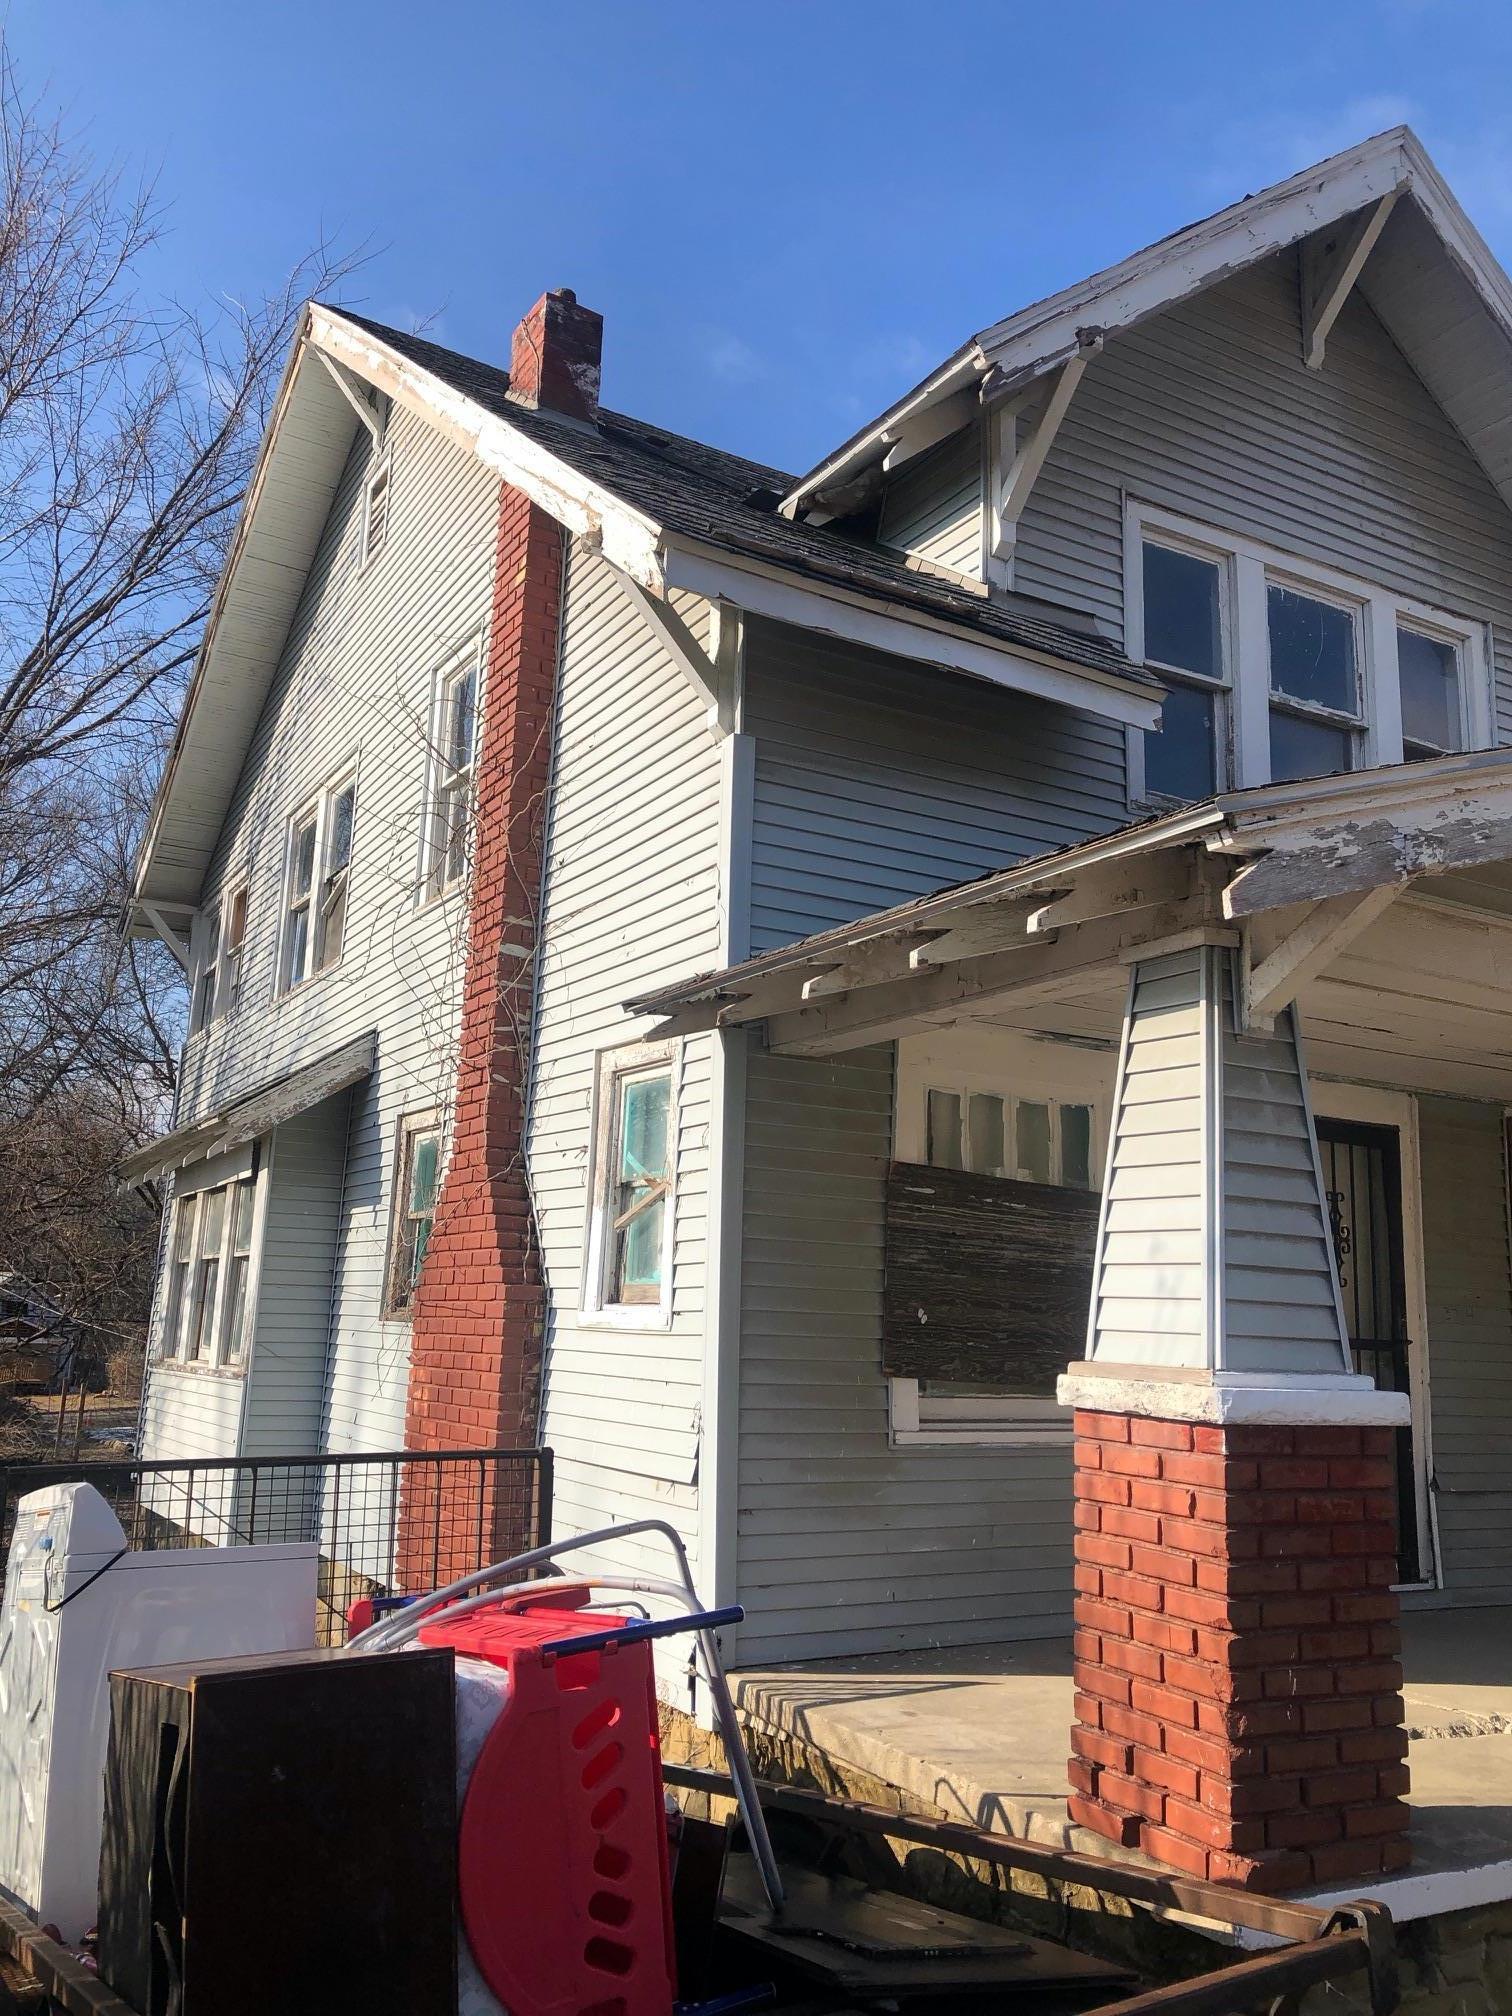 37xx S Benton Ave, Kansas City, MO